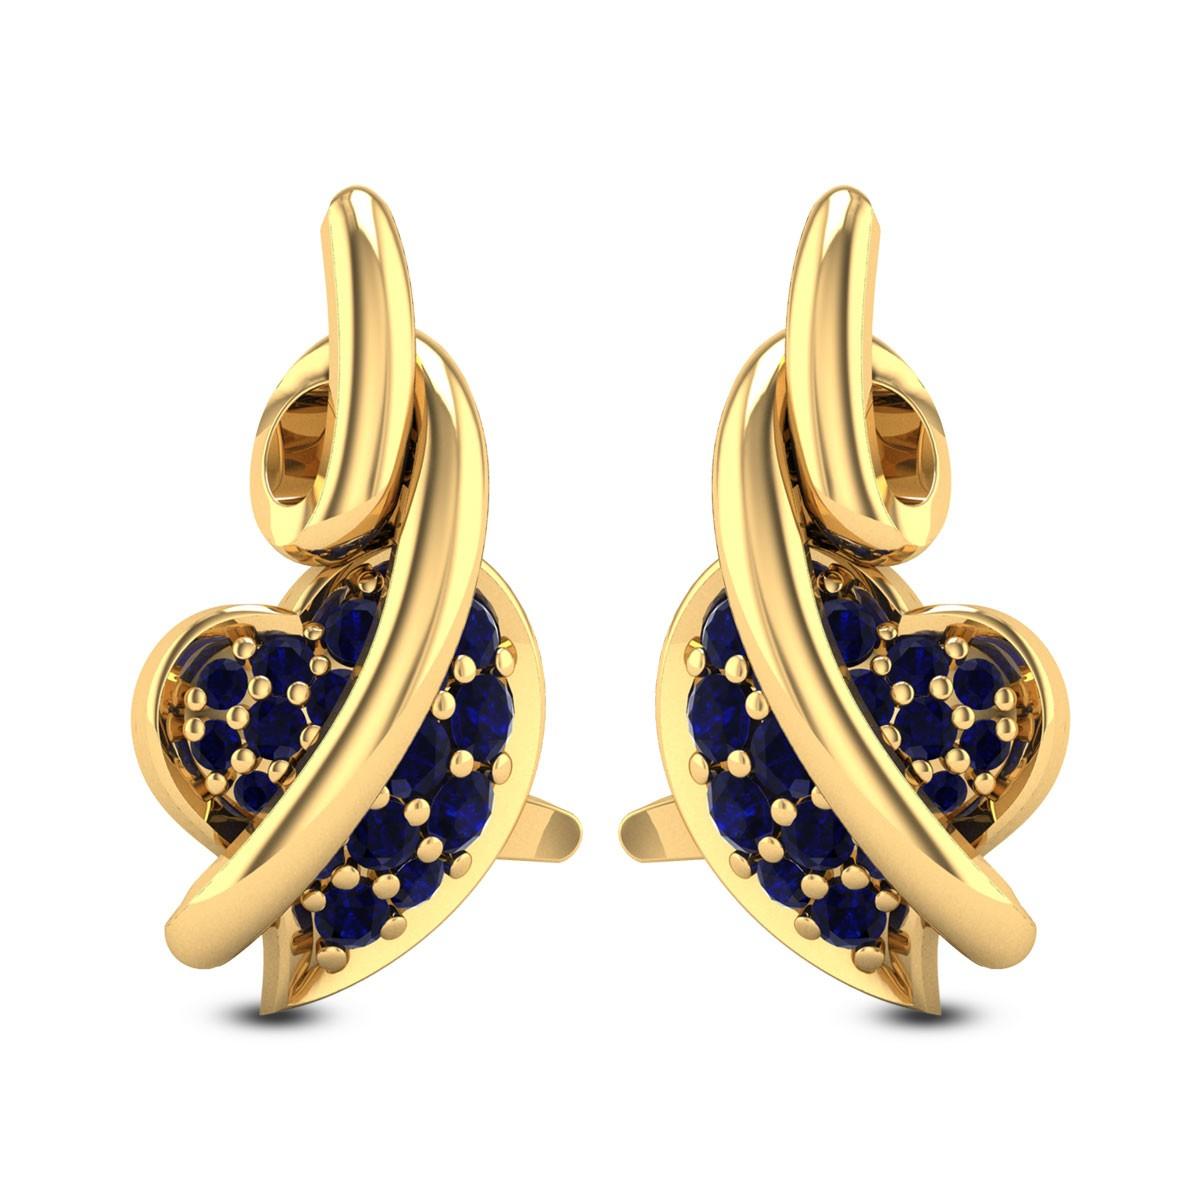 Entwined Sapphire Heart Stud Earrings